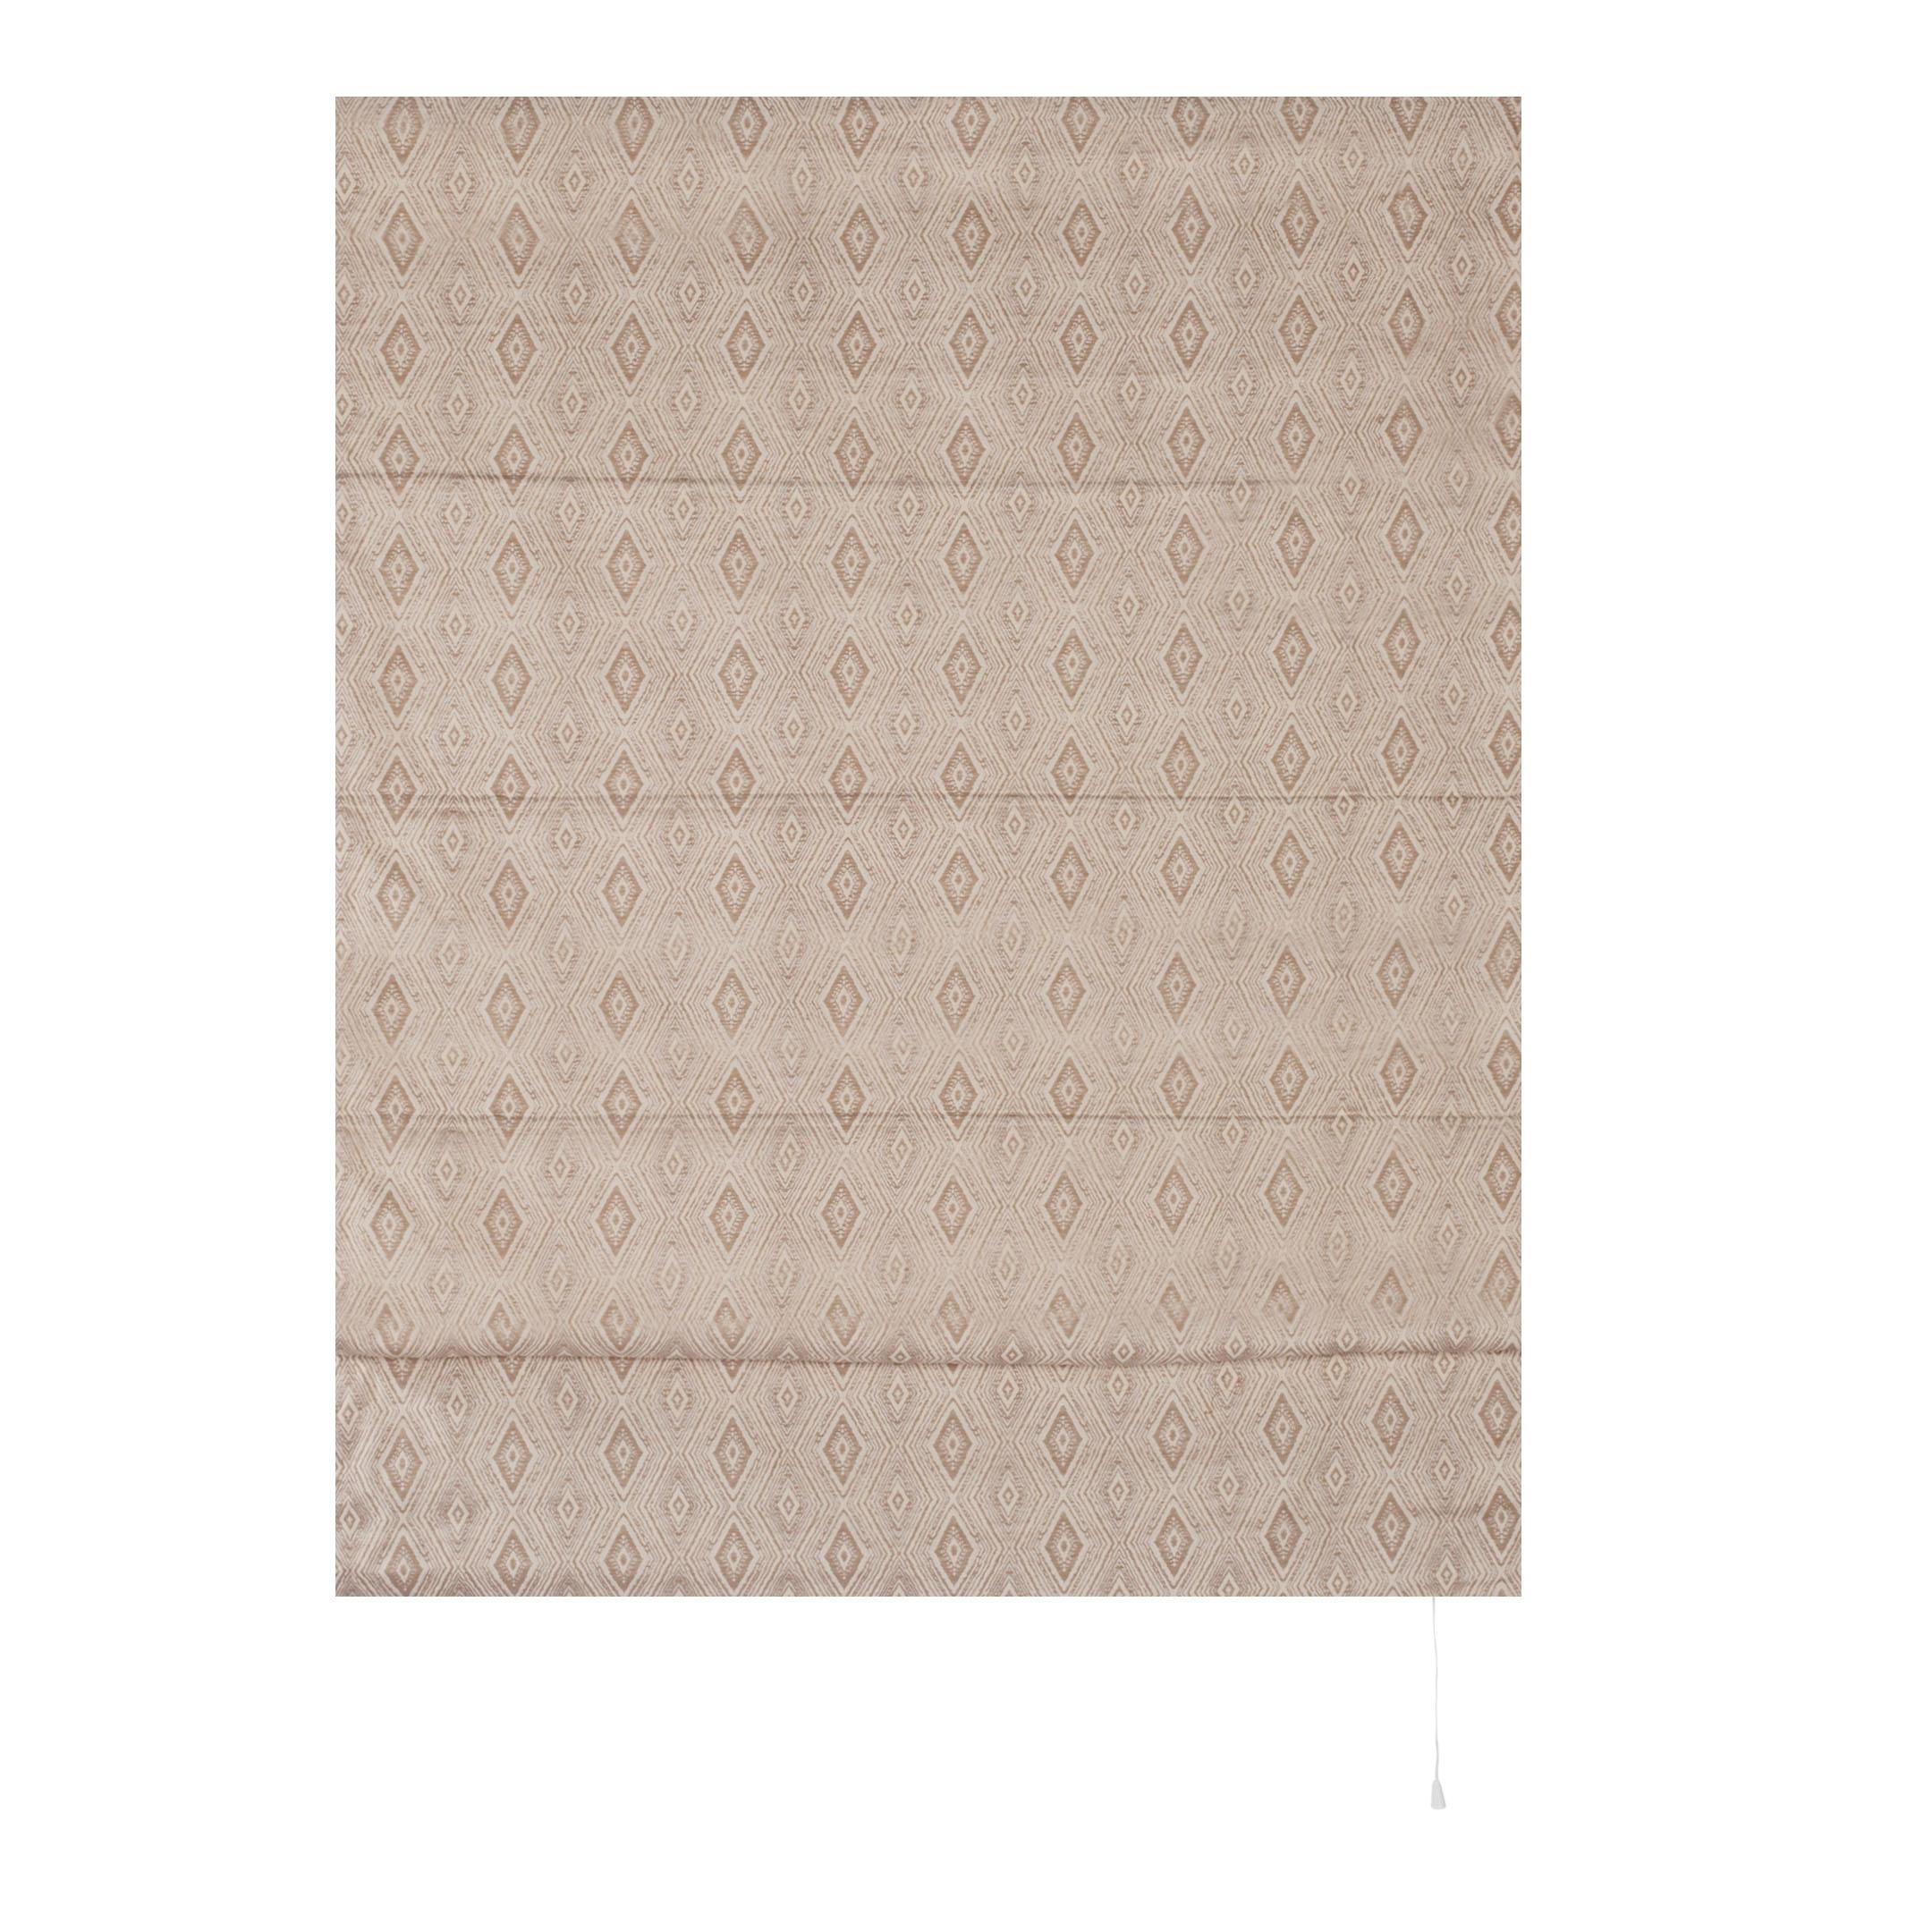 Штора римская Сафари 100х160 см бежевый штора римская сафари 60х160 см бежевый